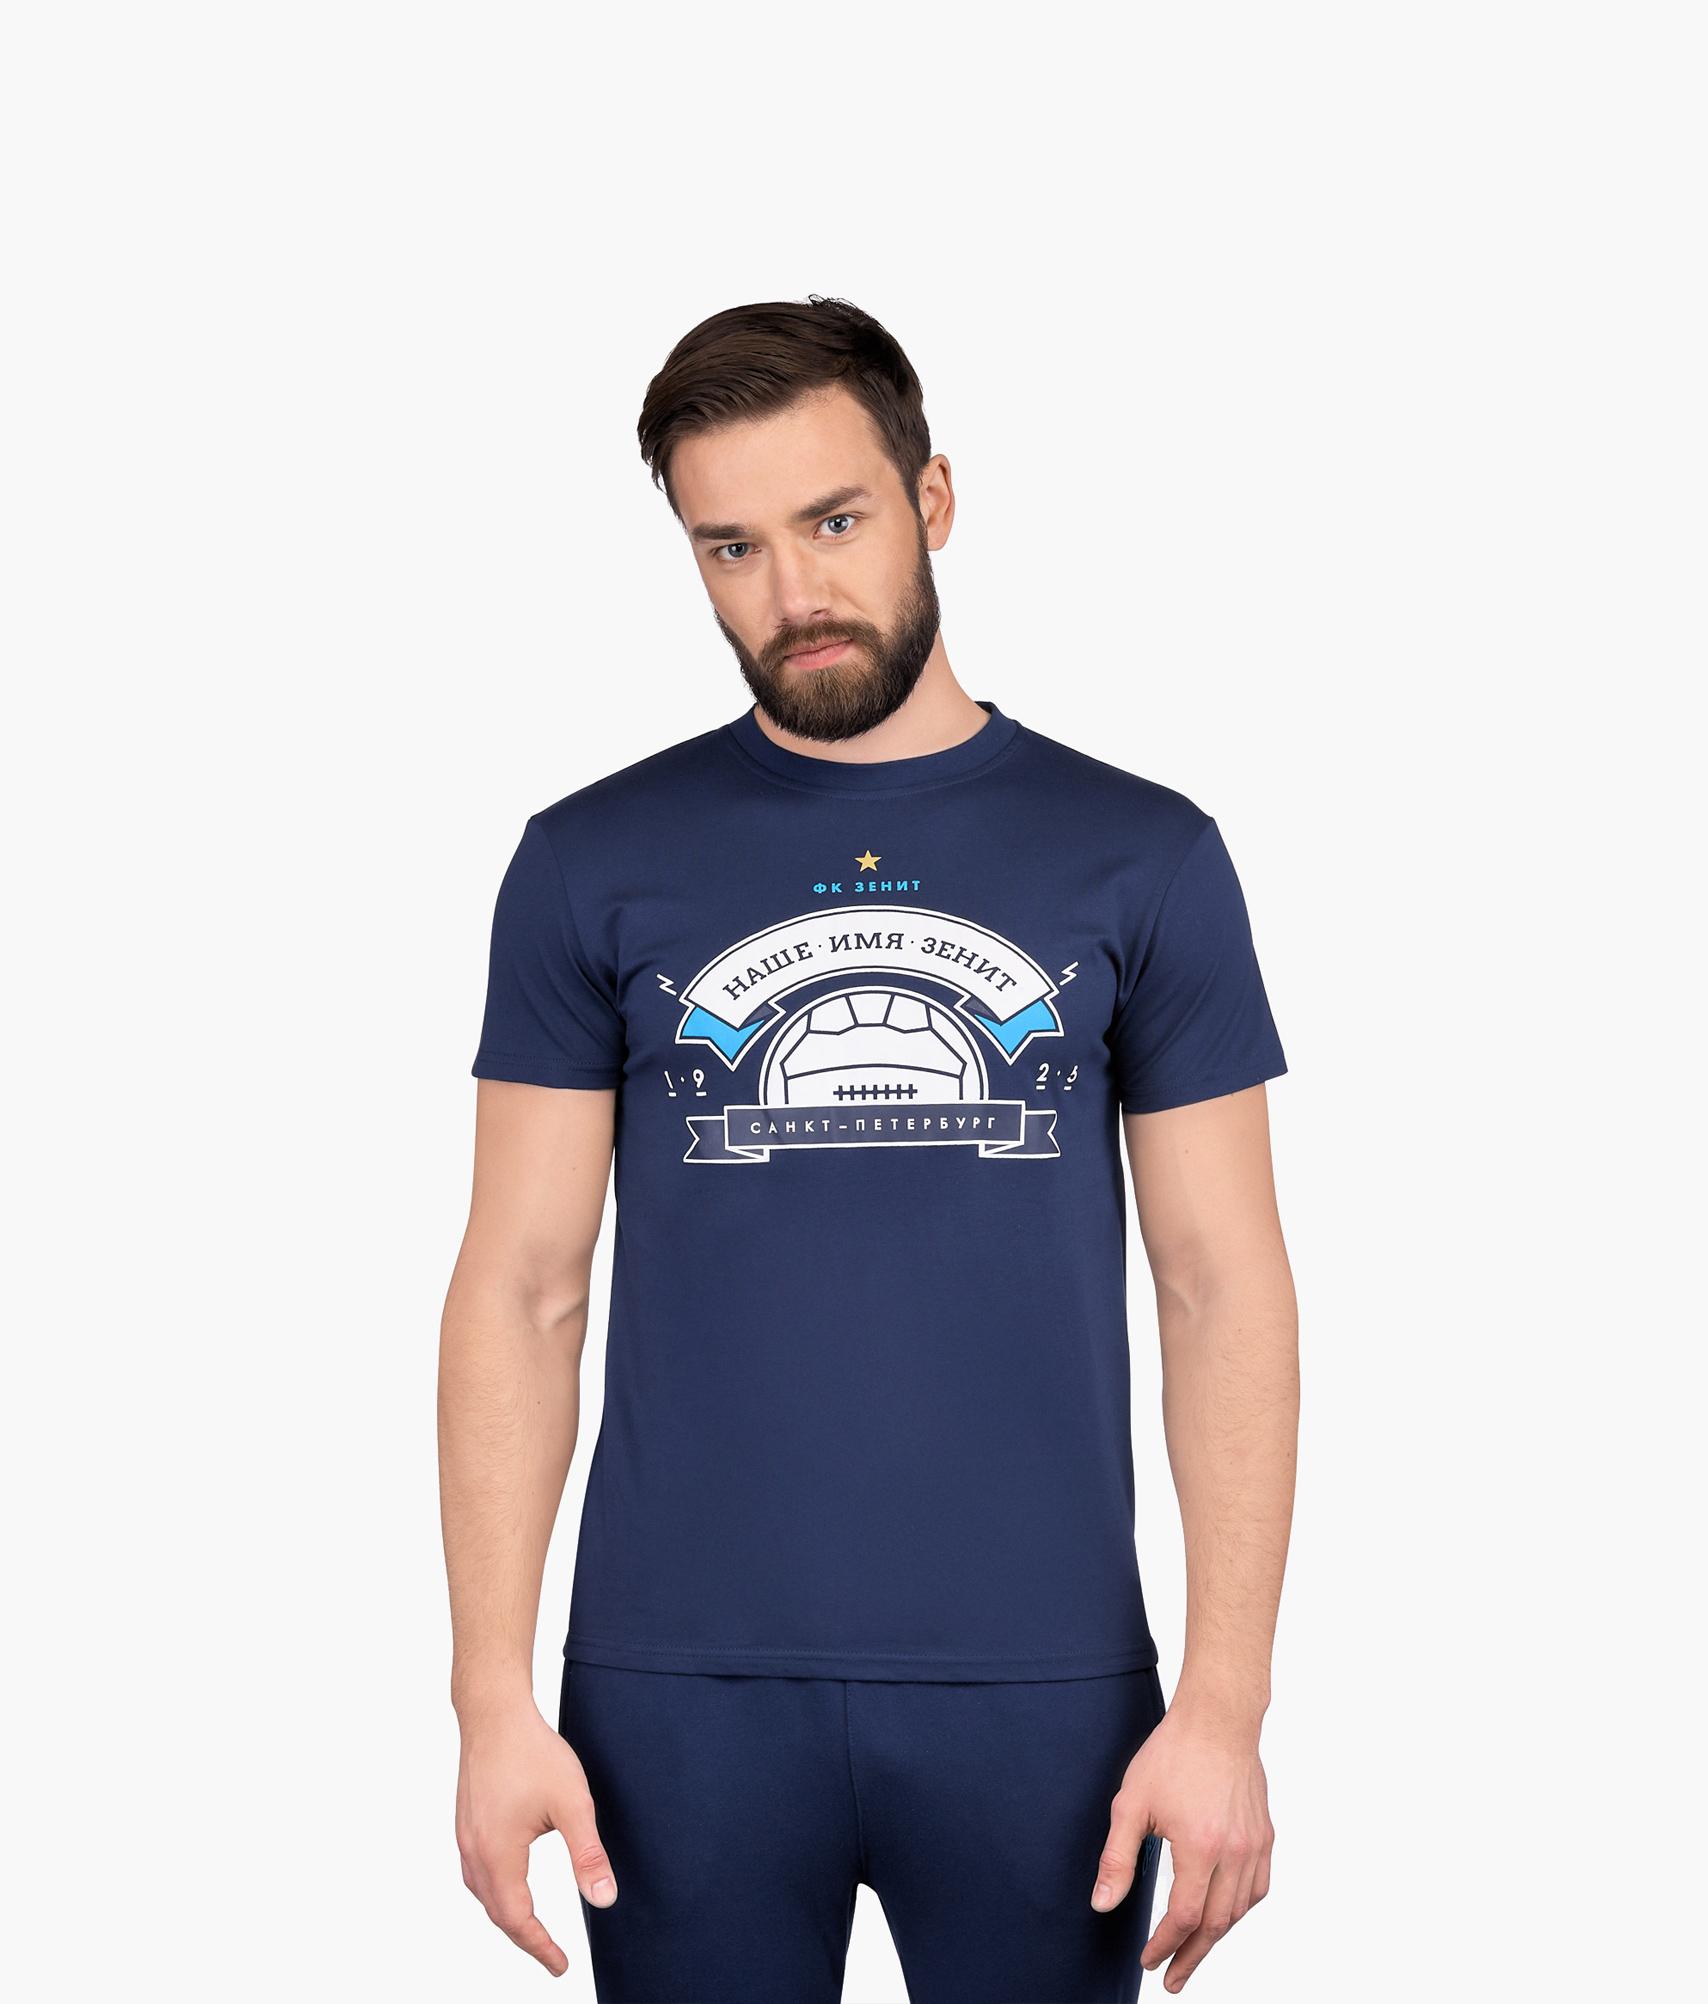 Футболка мужская «Наше имя Зенит» Зенит Цвет-Синий шорты детские зенит цвет синий